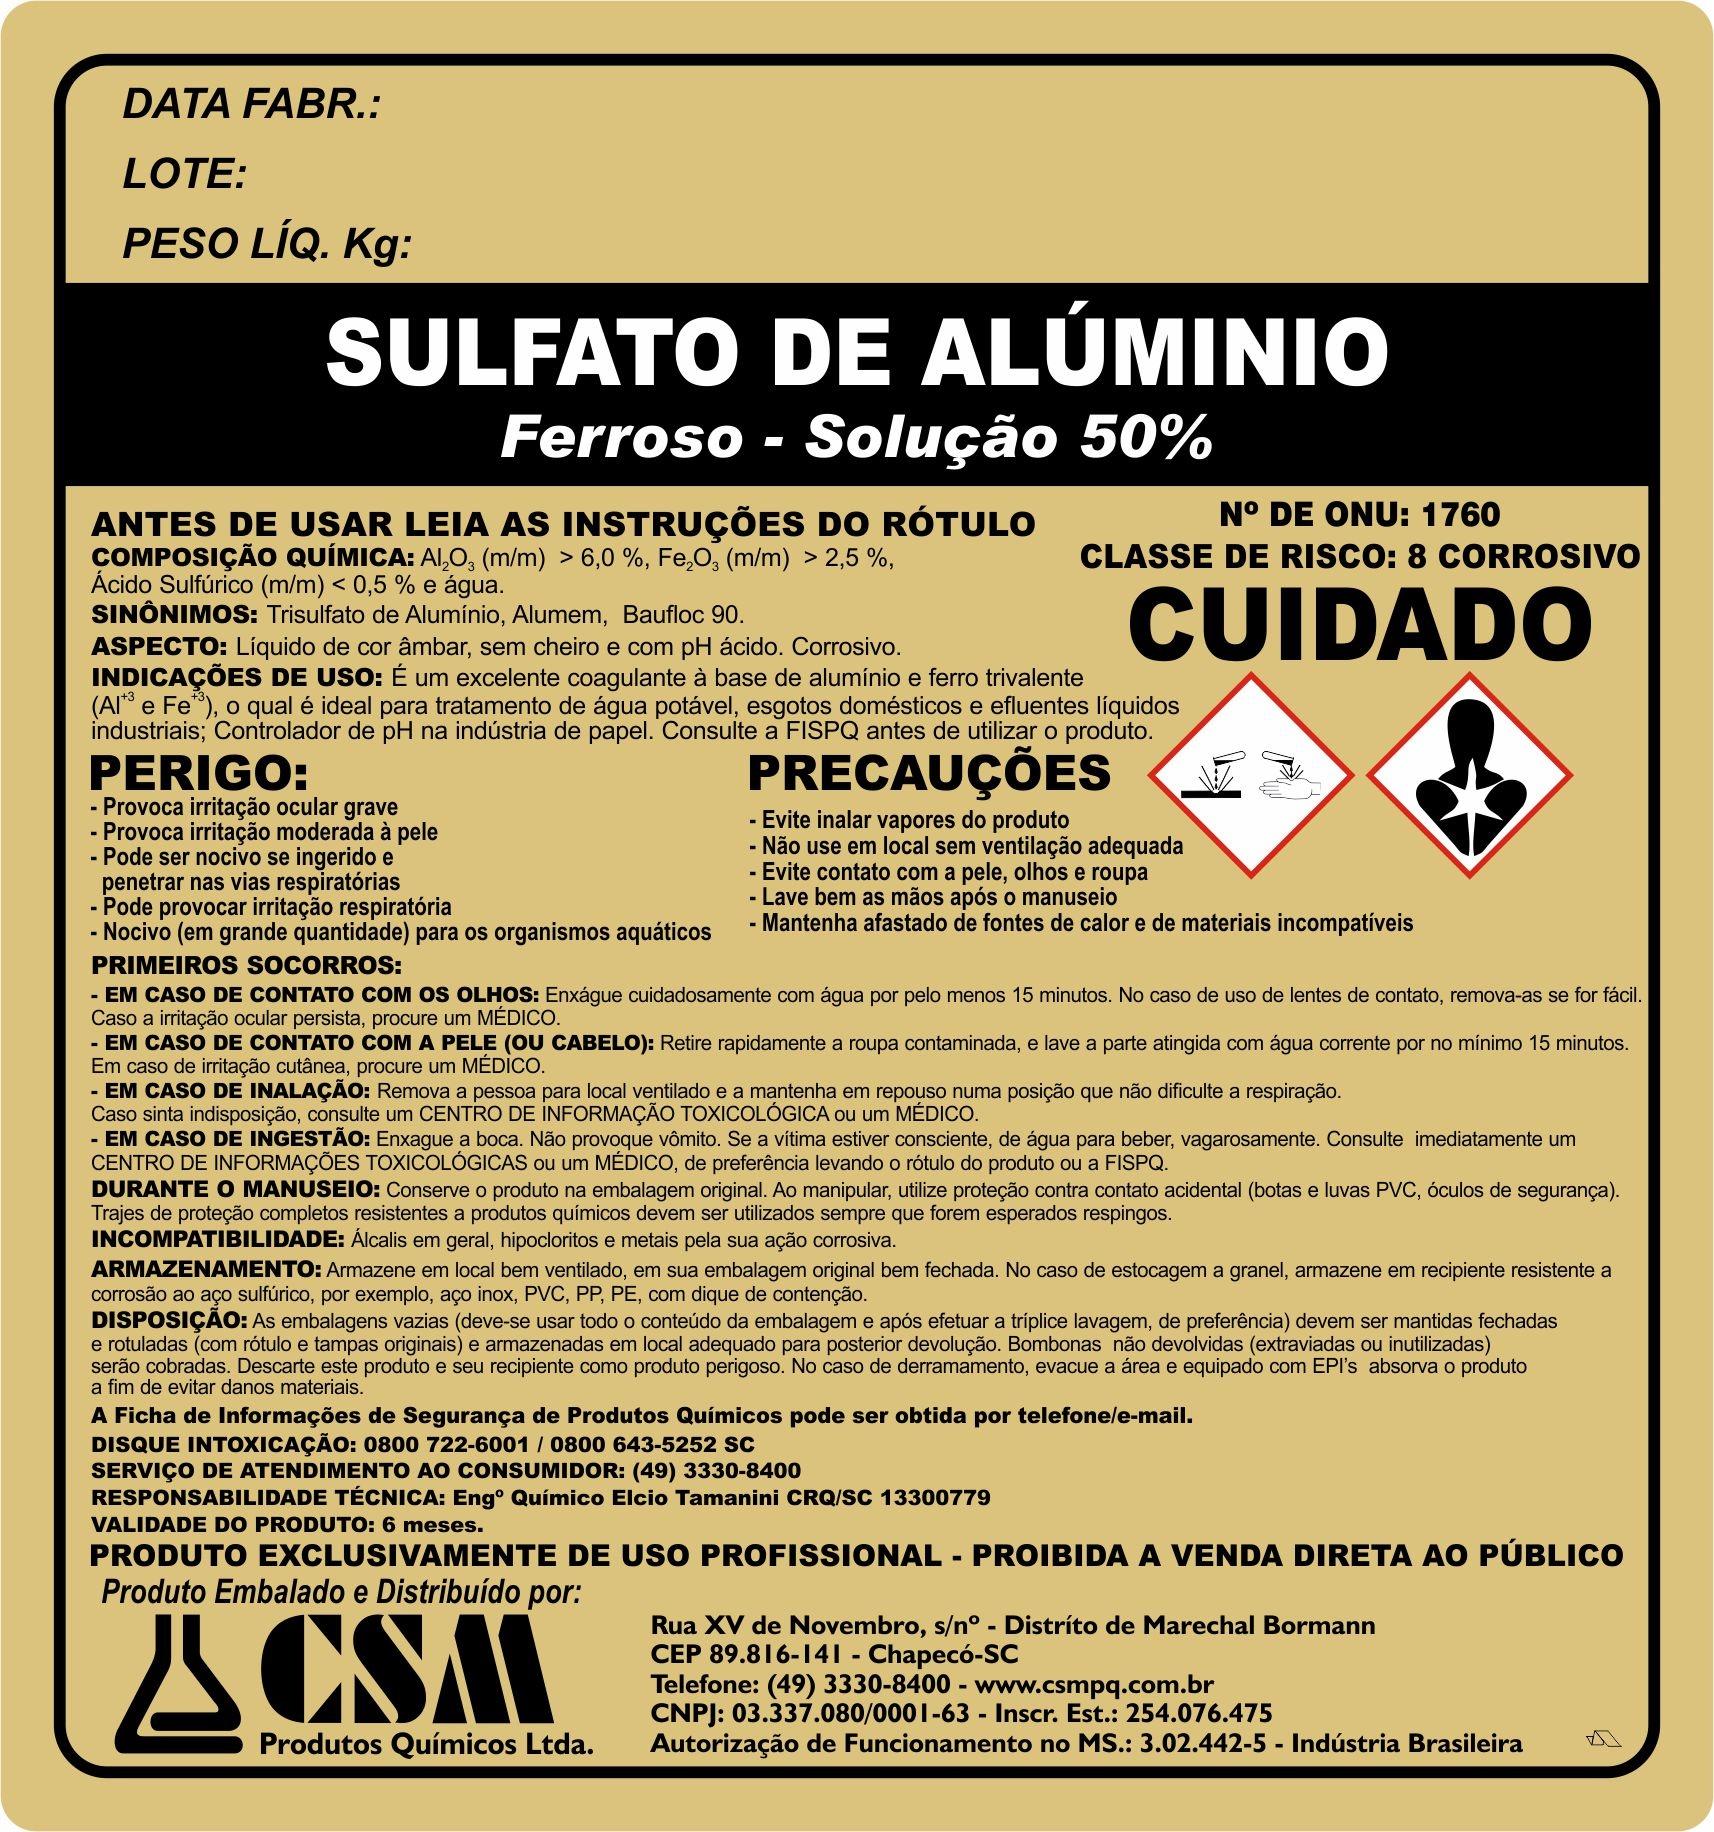 Sulfato de alumino ferroso